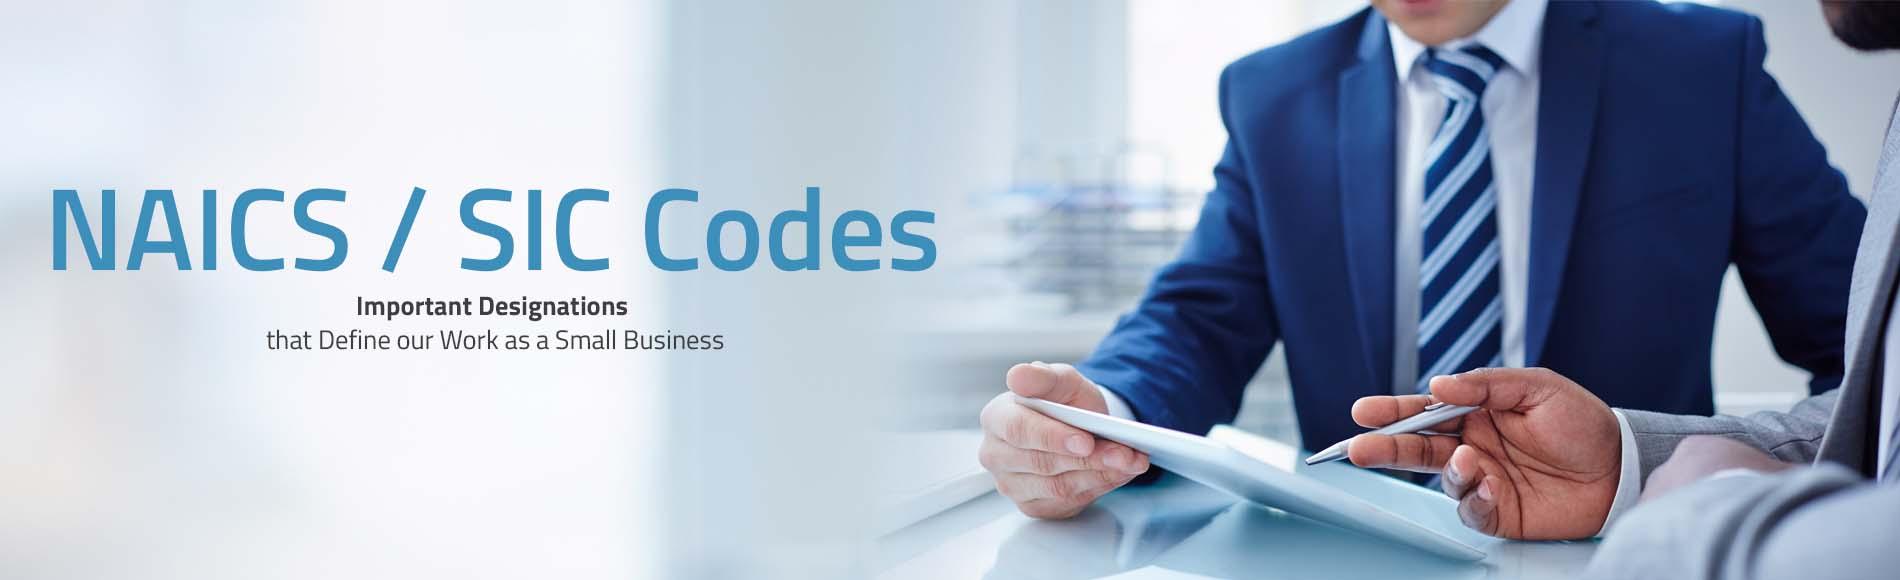 NAICS / SIC Codes